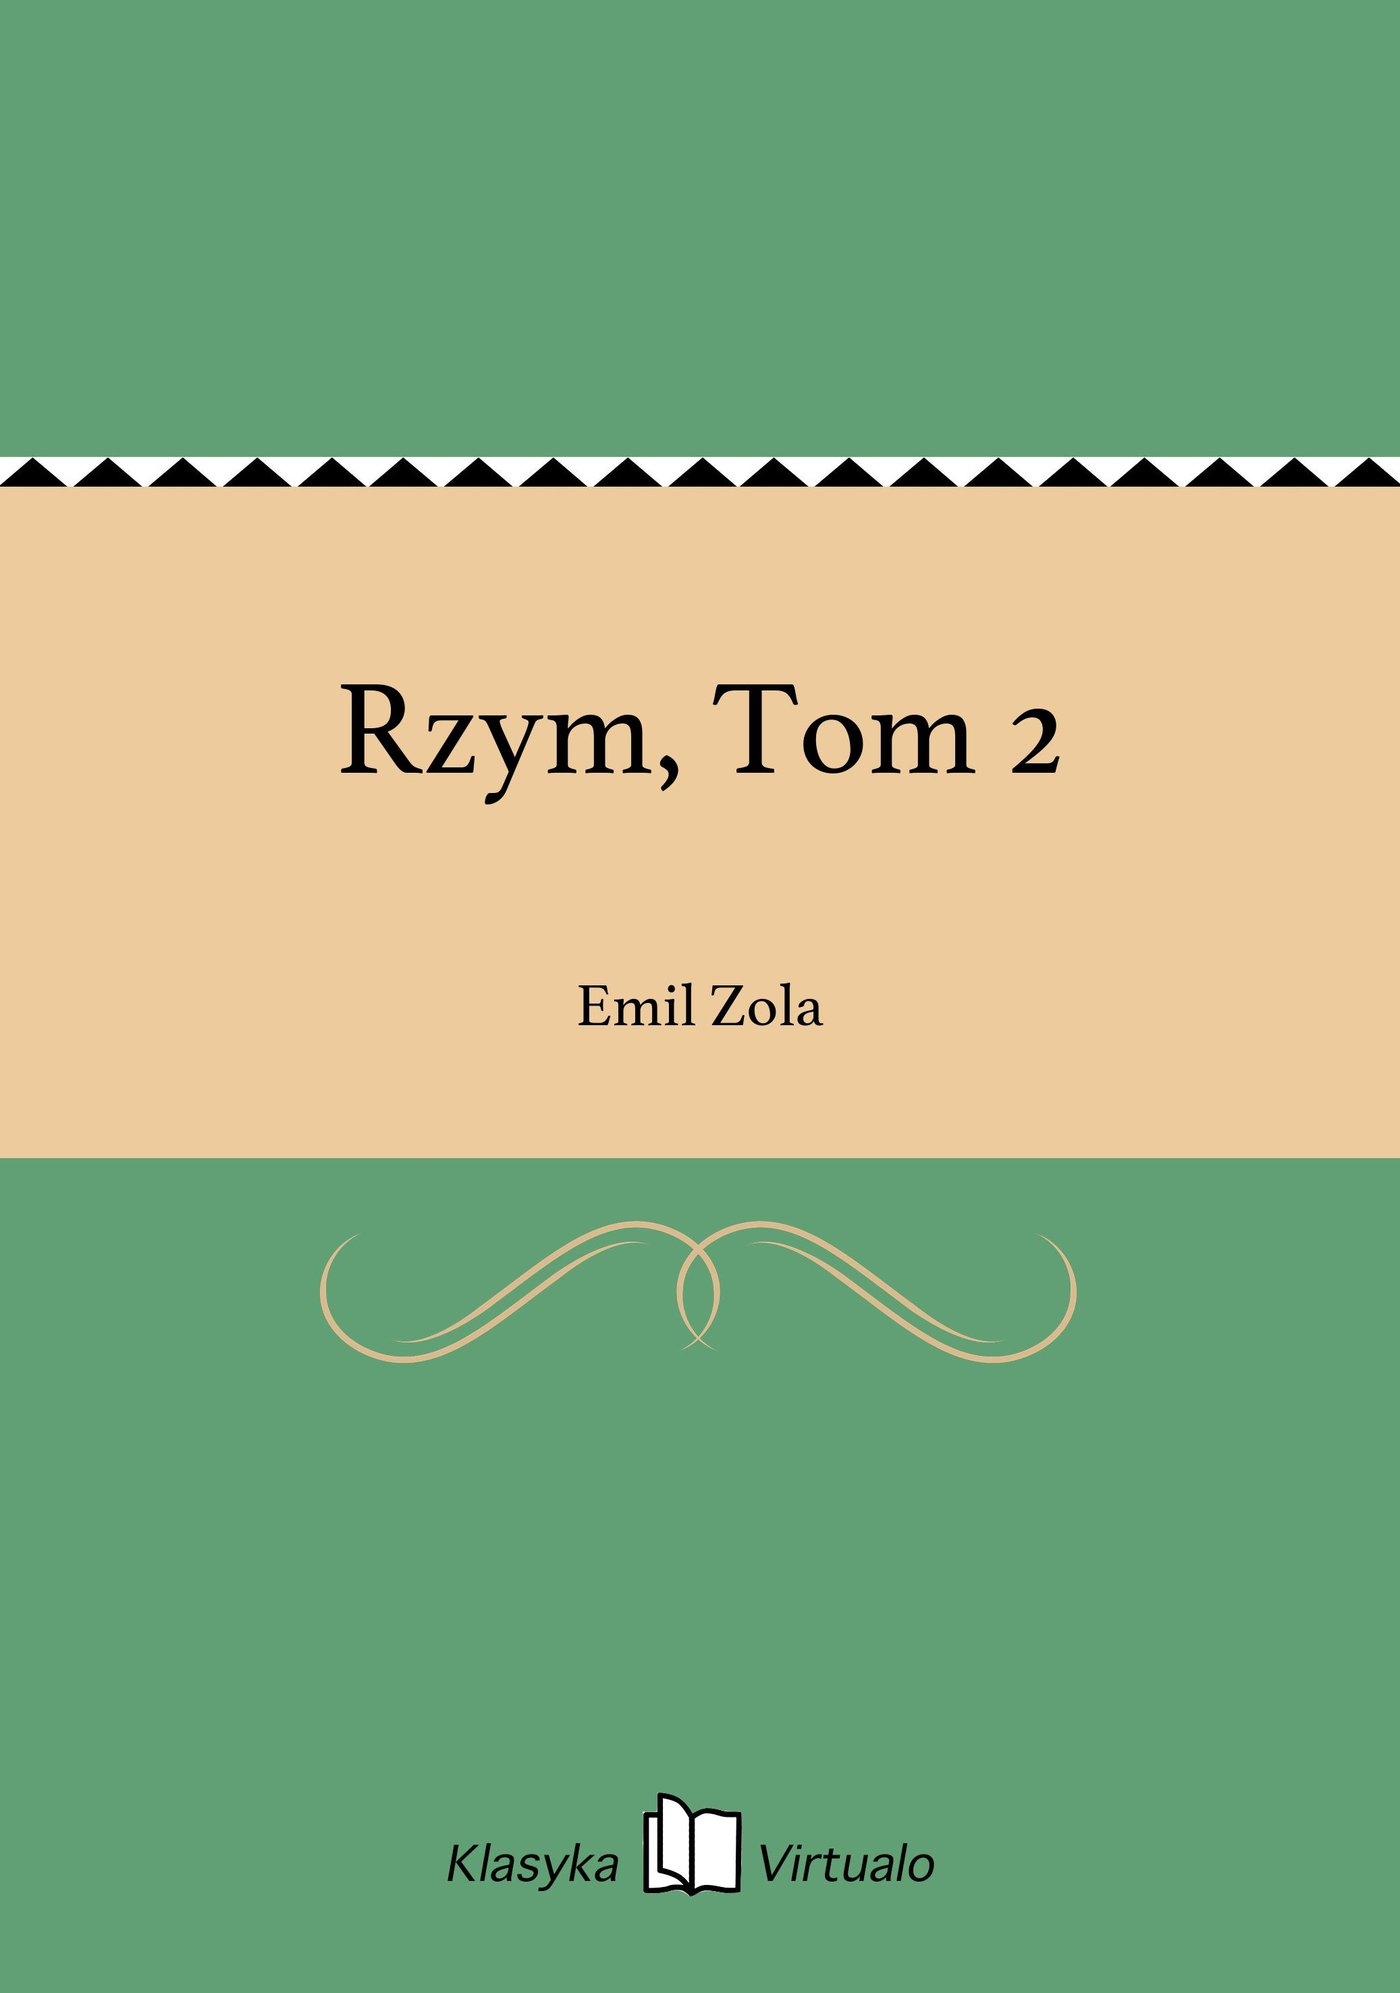 Rzym, Tom 2 - Ebook (Książka EPUB) do pobrania w formacie EPUB